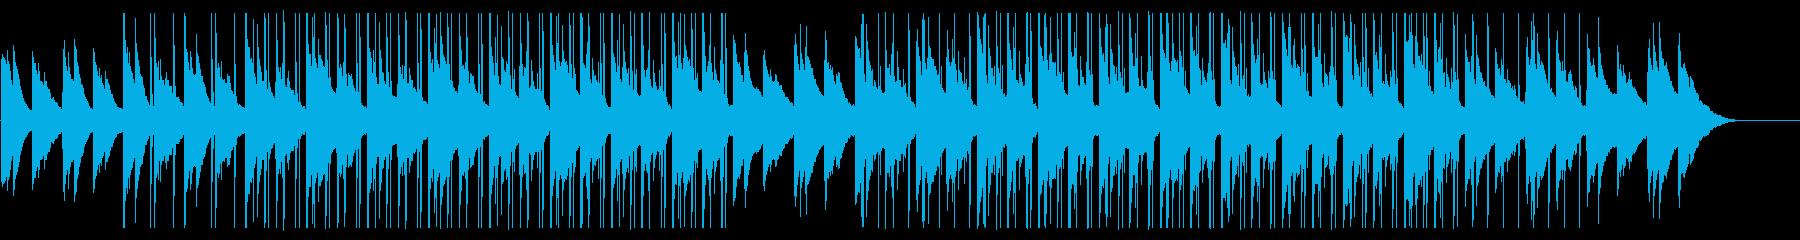 【メロ抜】エレピとギターのメロウな雰囲気の再生済みの波形